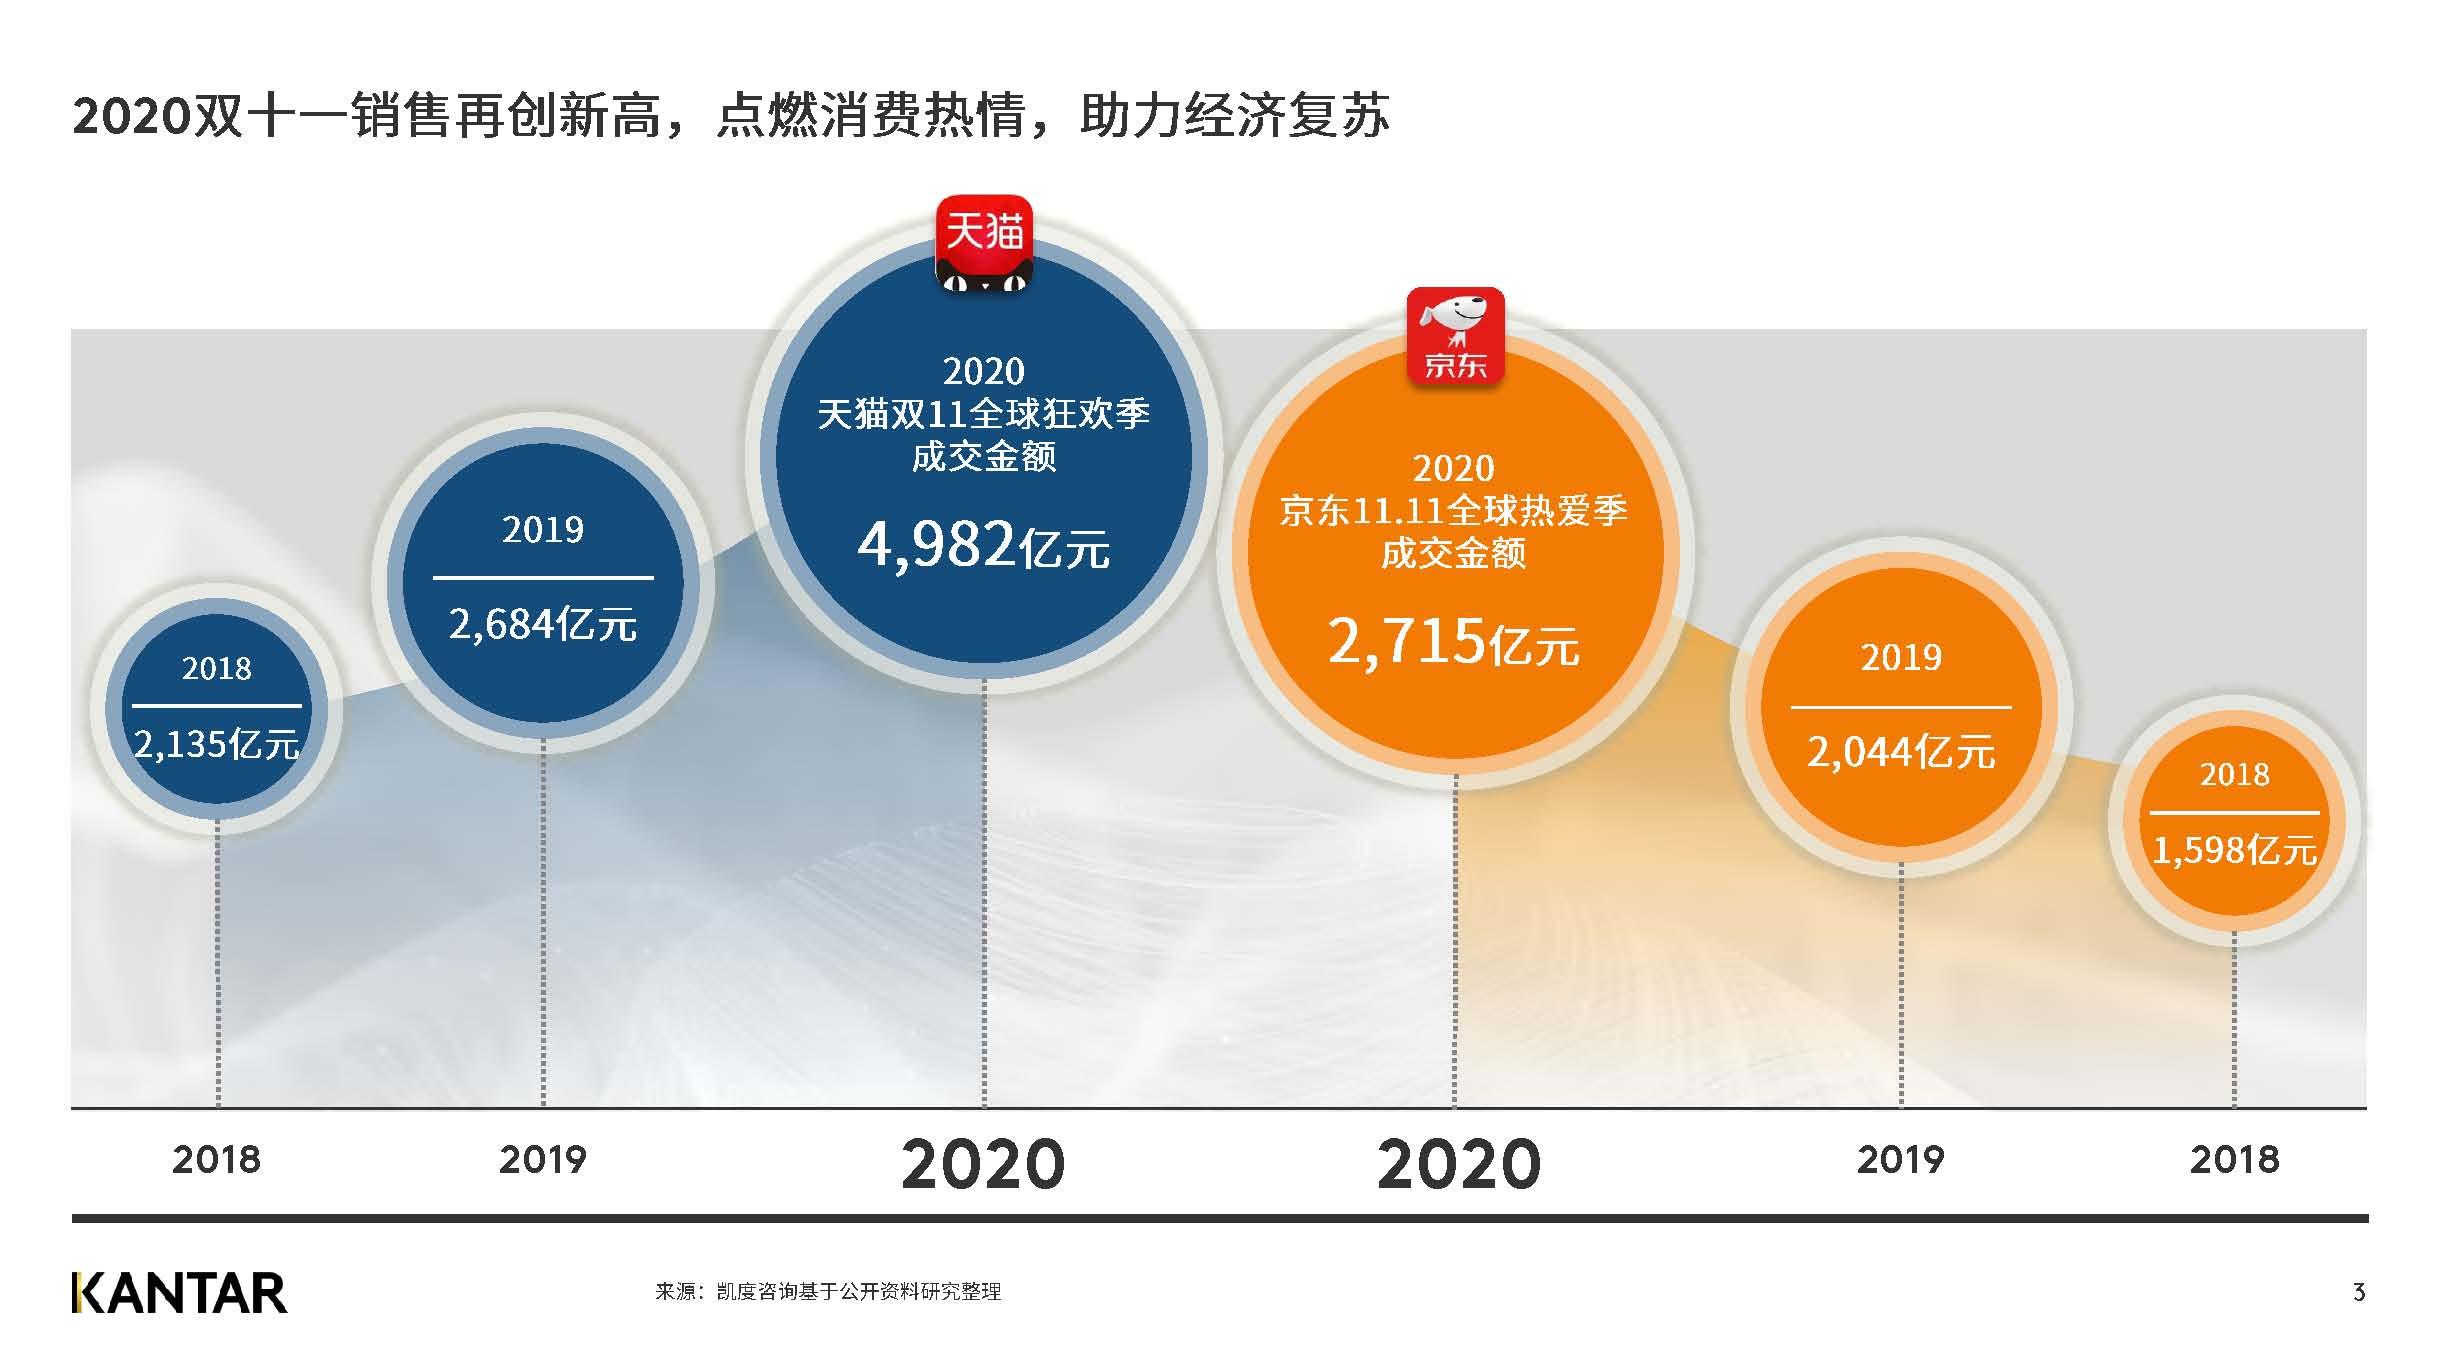 大数据研究报告,凯度咨询-2020双十一五大趋势!